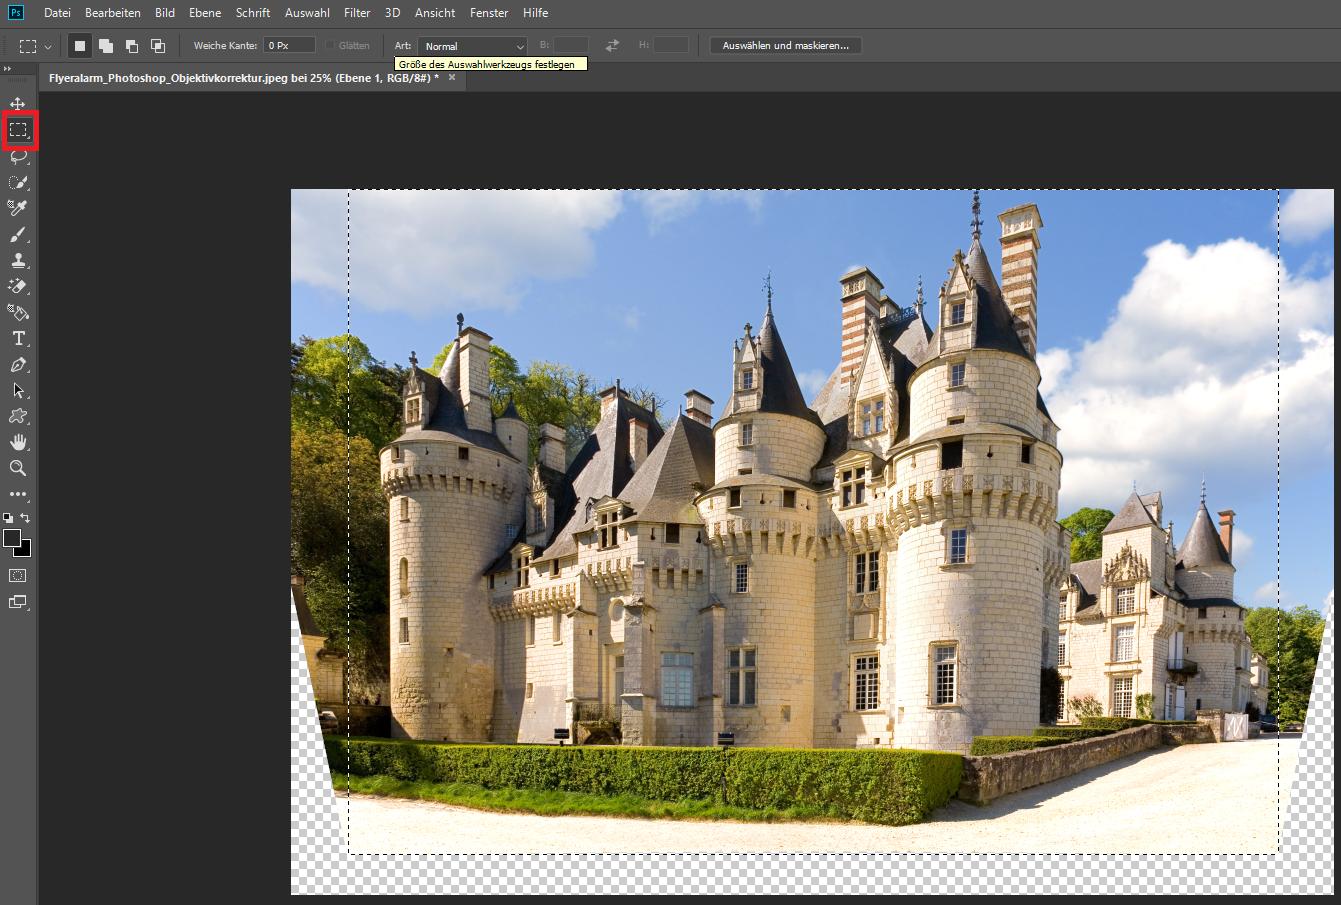 Photoshop Objektivfehler ausgleichen